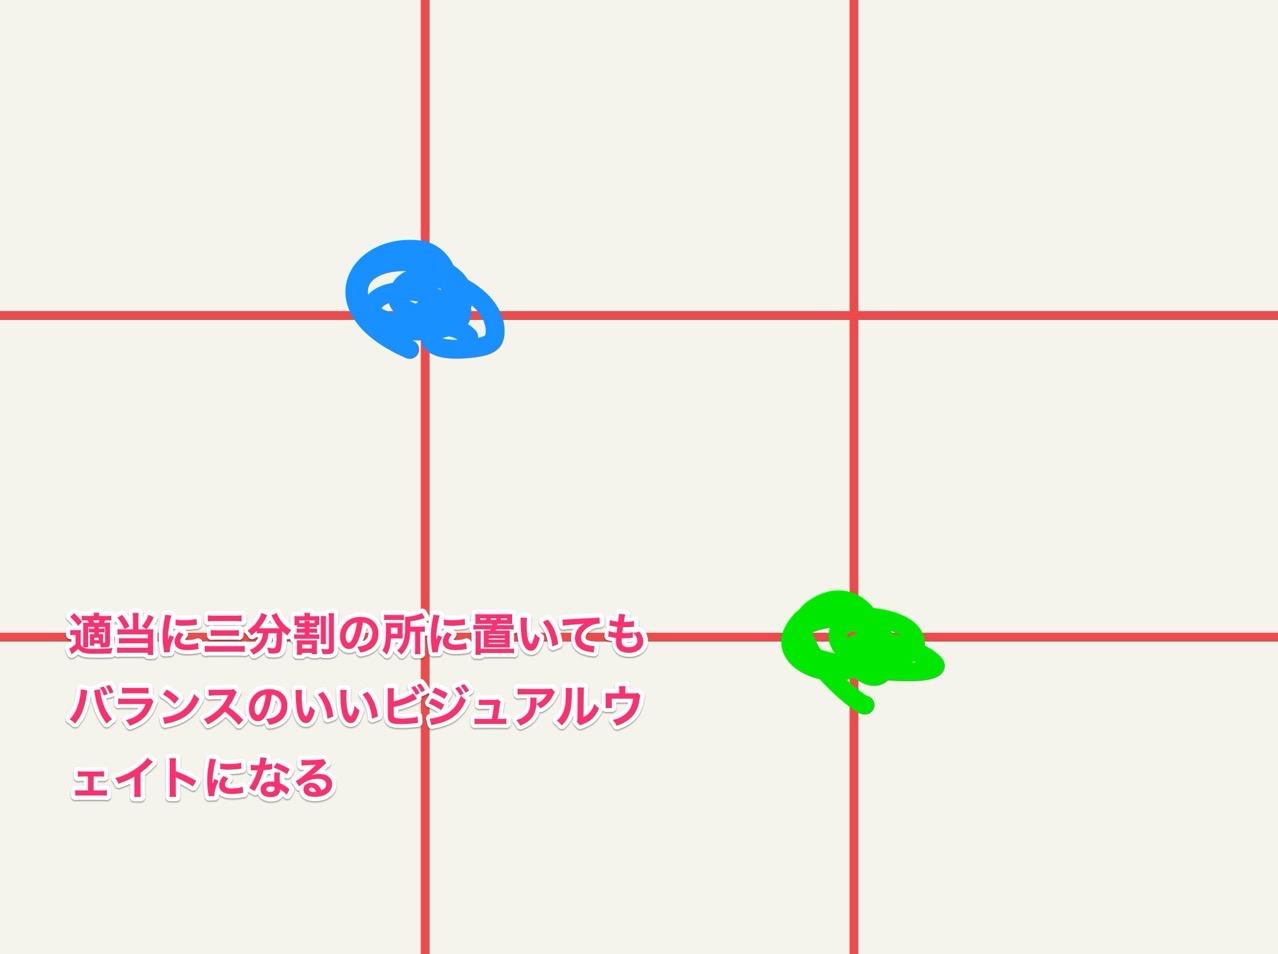 三分割構図ビジュアルウェイト